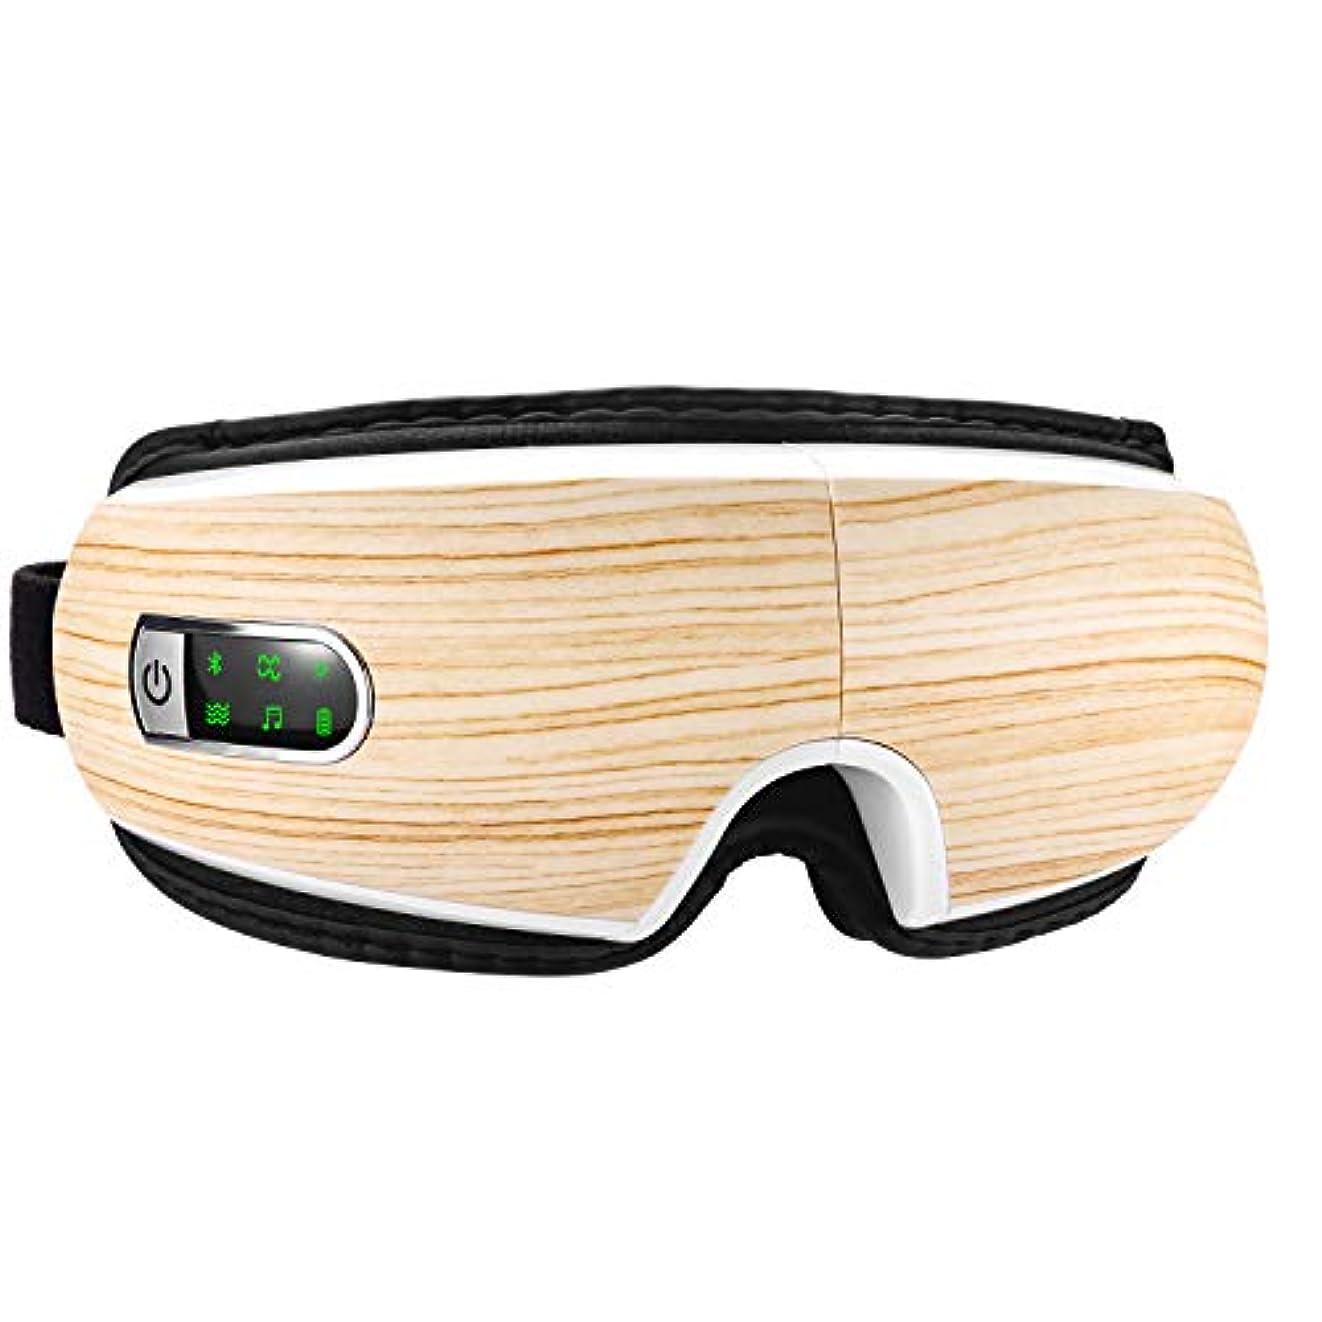 工場引退したおとこ目マッサージ器 目元エステ 目元美顔器 ホットアイマスク 快眠グッズ 振動機能 音楽機能 USB充電式 タイマー機能 アイマスク